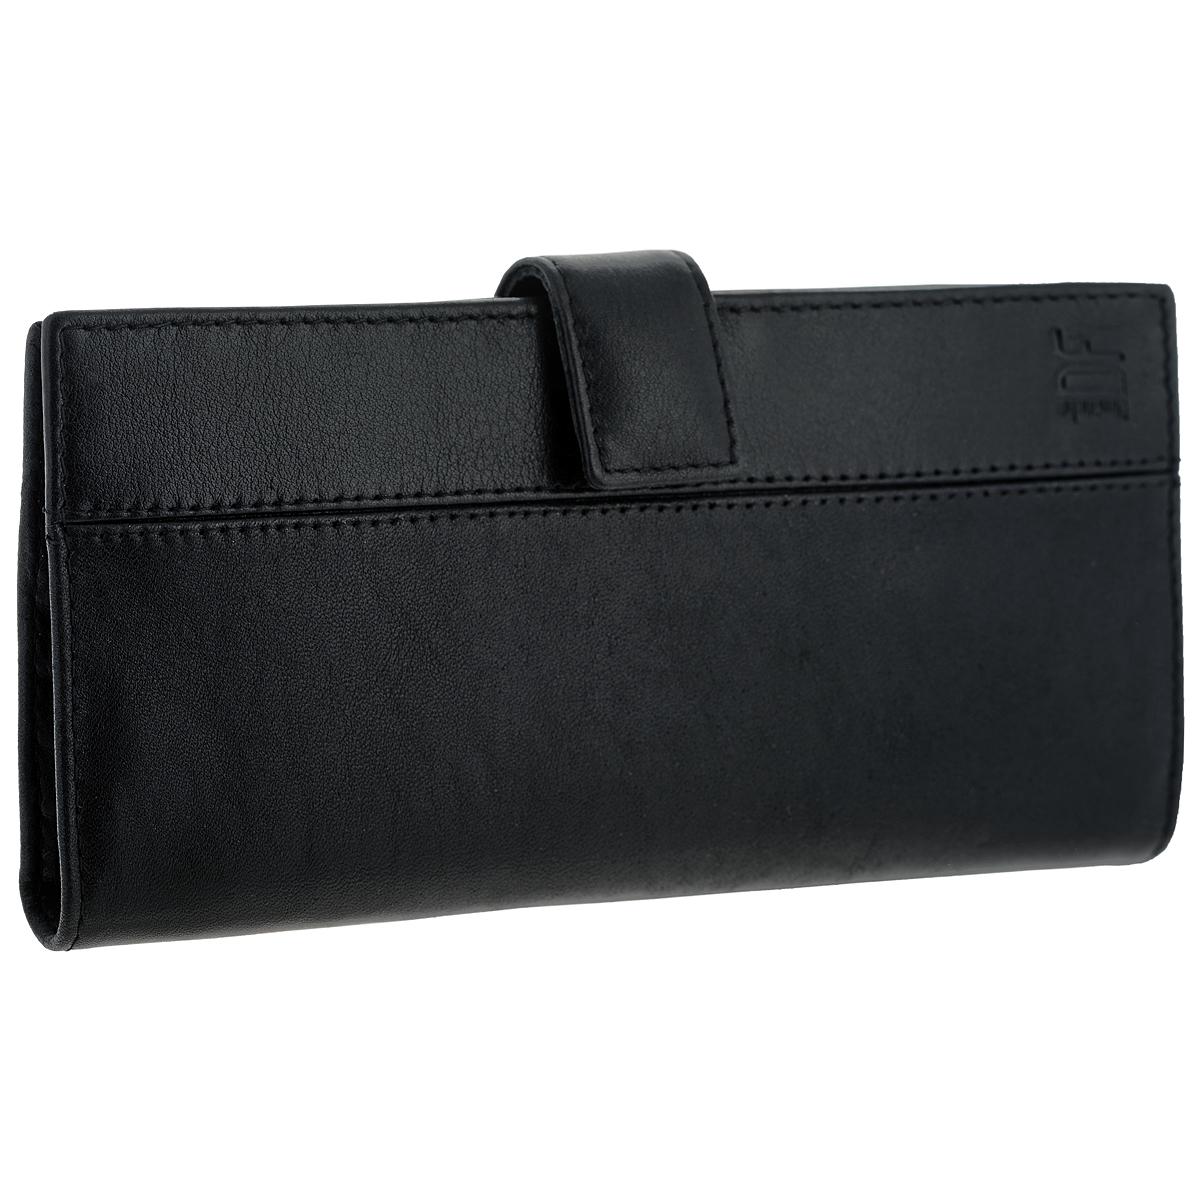 Портмоне мужское Dimanche Classic, цвет: черный. 897EQW-M710DB-1A1Вертикальное мужское портмоне Classic выполнено из высококачественной натуральной кожи.Внутри содержит четыре отделения для купюр, карман для мелочи на молнии, 11 карманов для визиток, горизонтальный карман для бумаг, фиксатор для ручки и два кармашка для sim-карт.Портмоне упаковано в фирменную картонную коробку. Характеристики: Материал: натуральная кожа, текстиль, металл. Цвет: черный. Размер портмоне: 18,5 см х 9 см х 2,5 см.